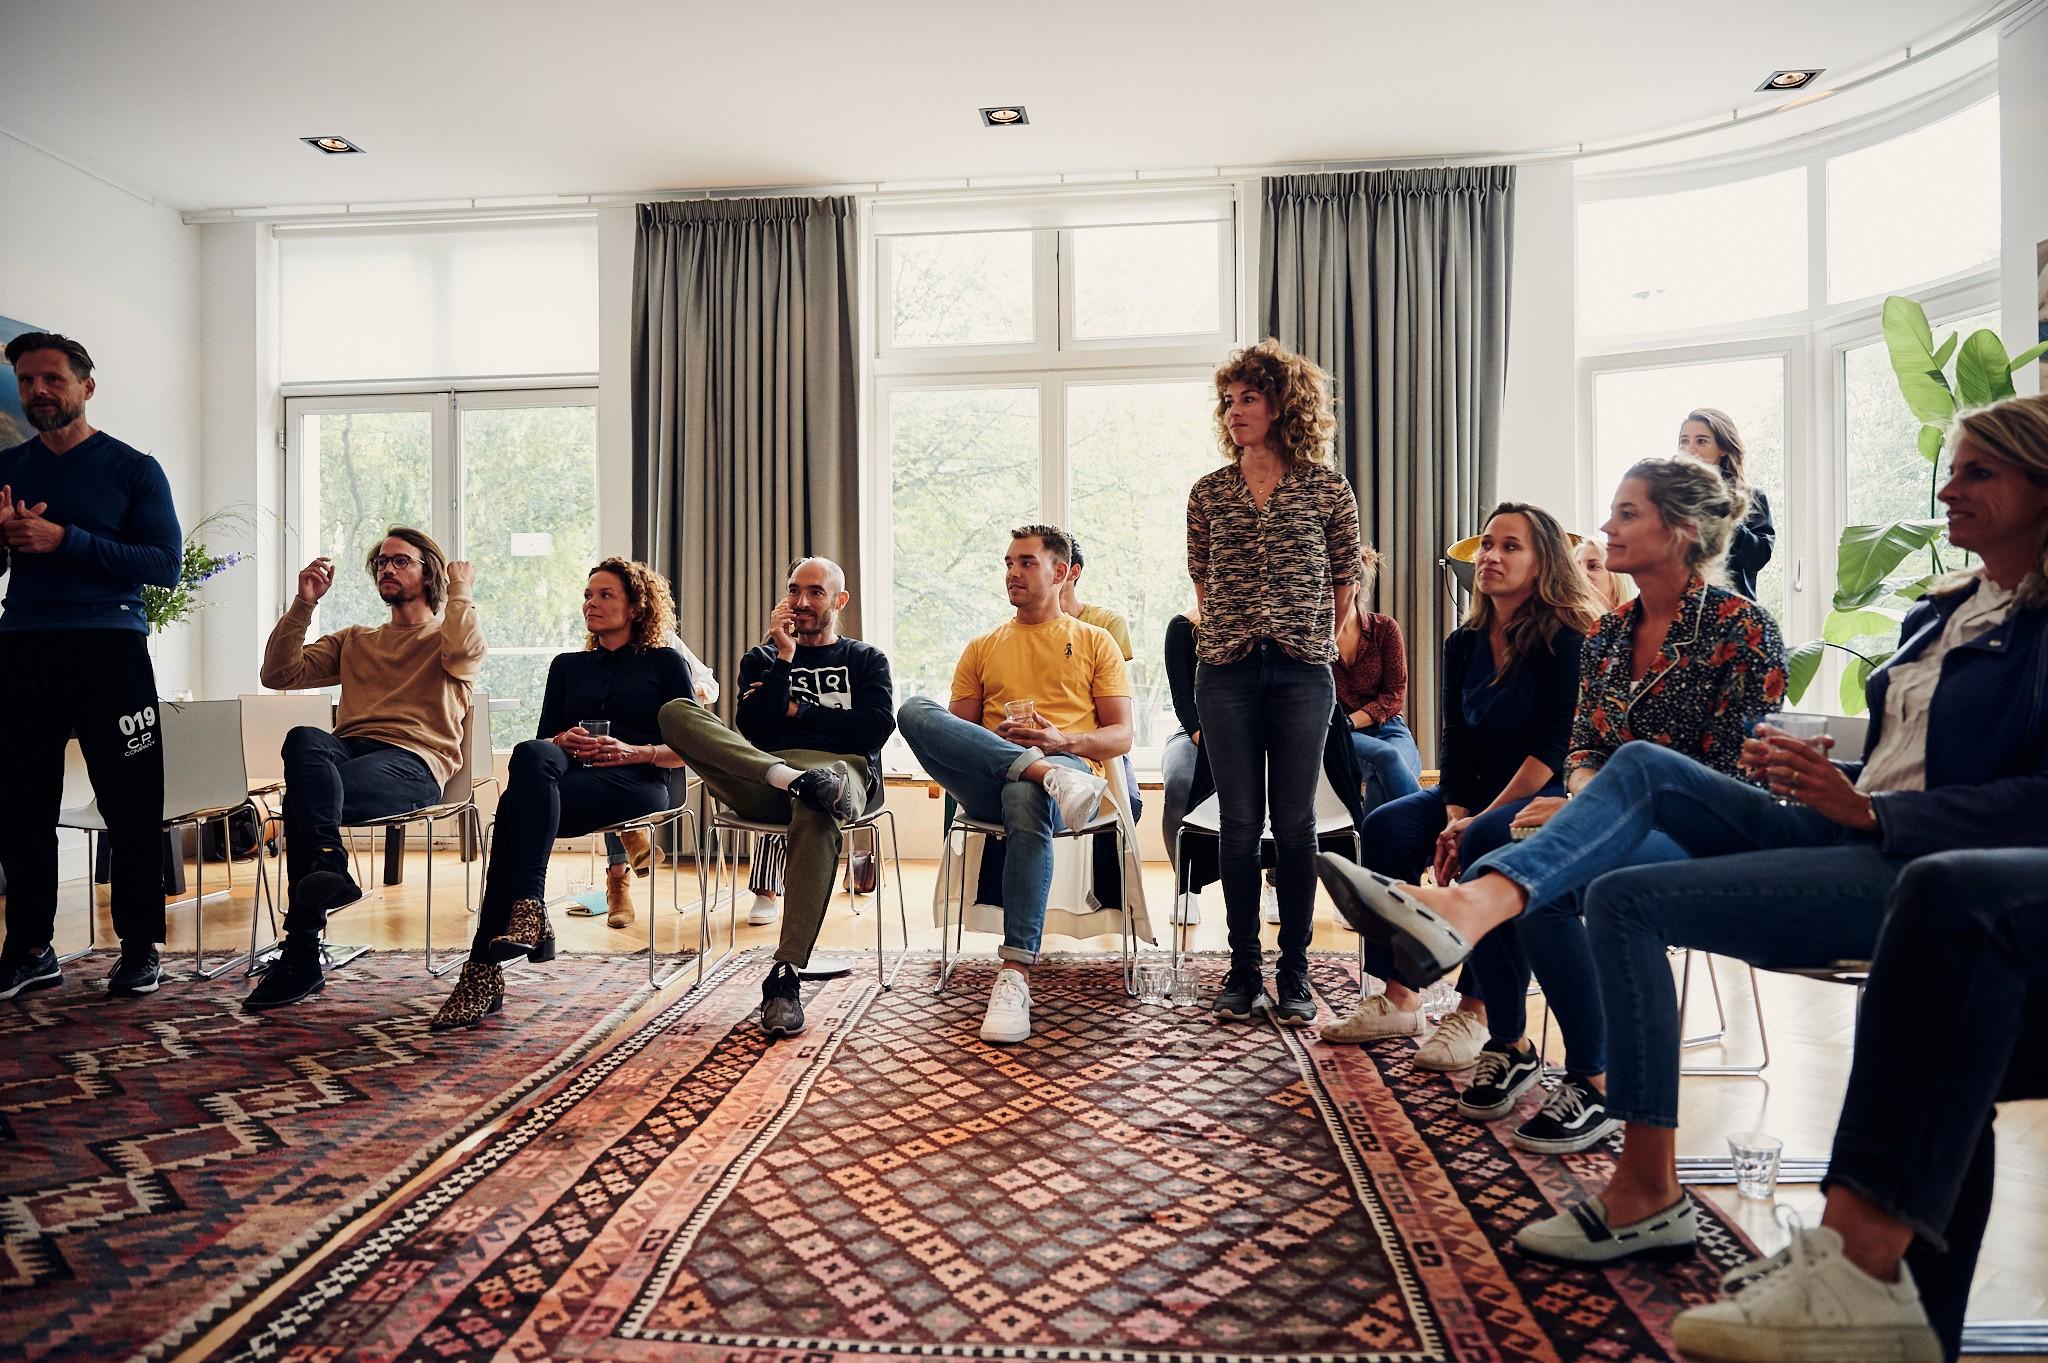 opleiding-spreken-met-impact-great-communicators